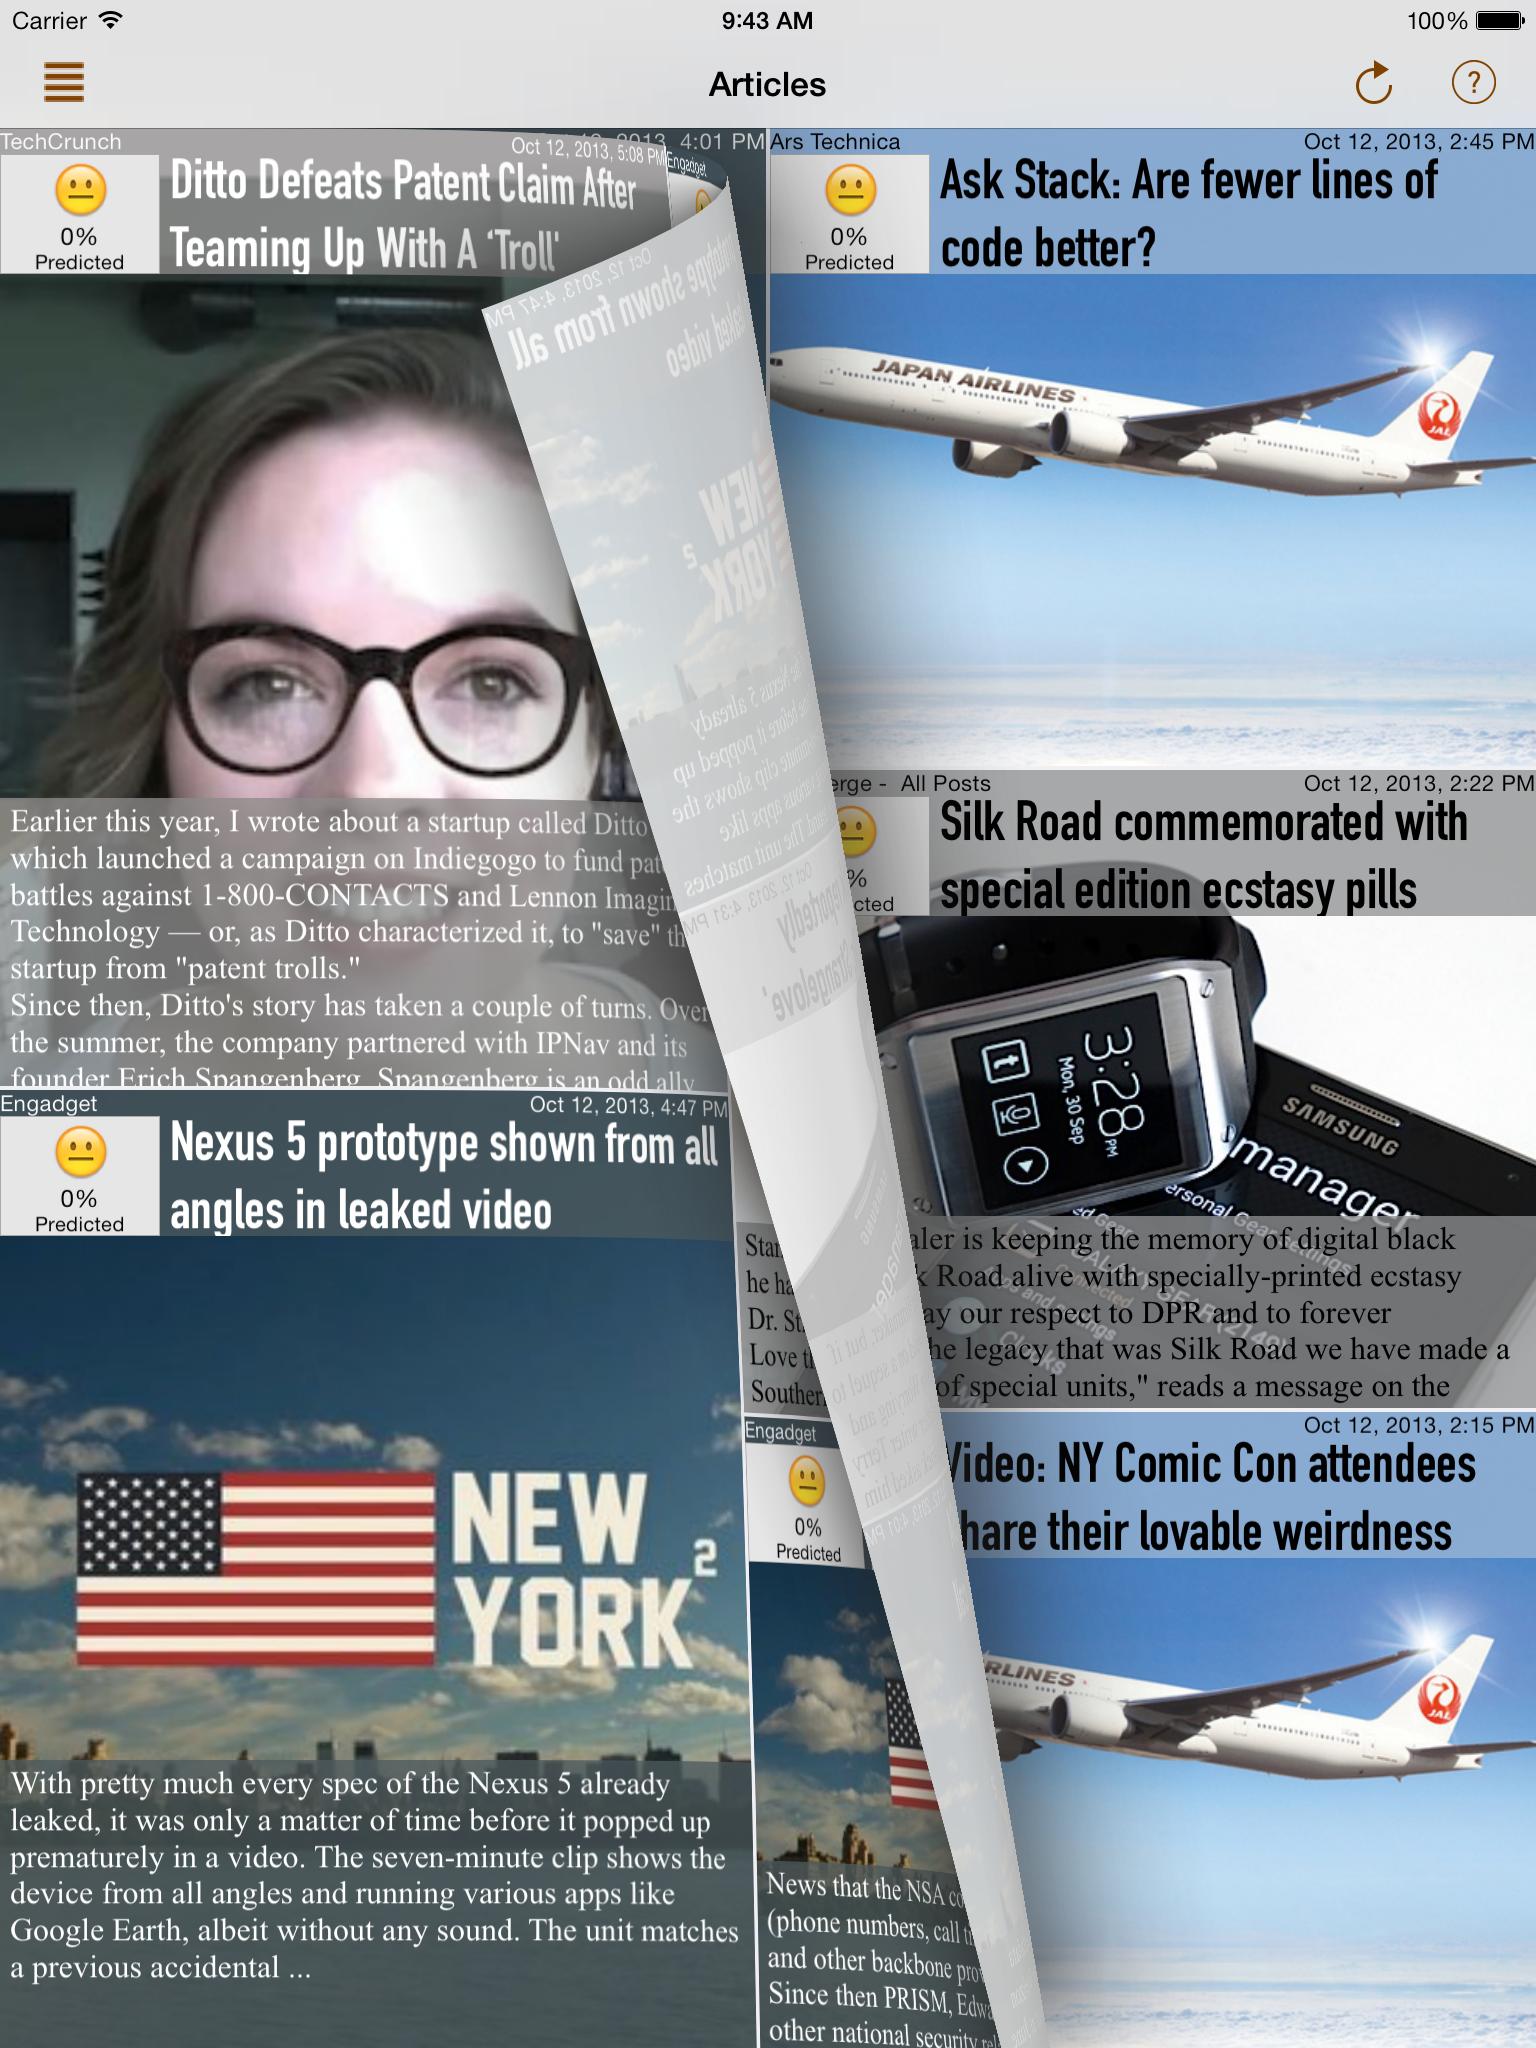 Articles-Flip-iPad.png